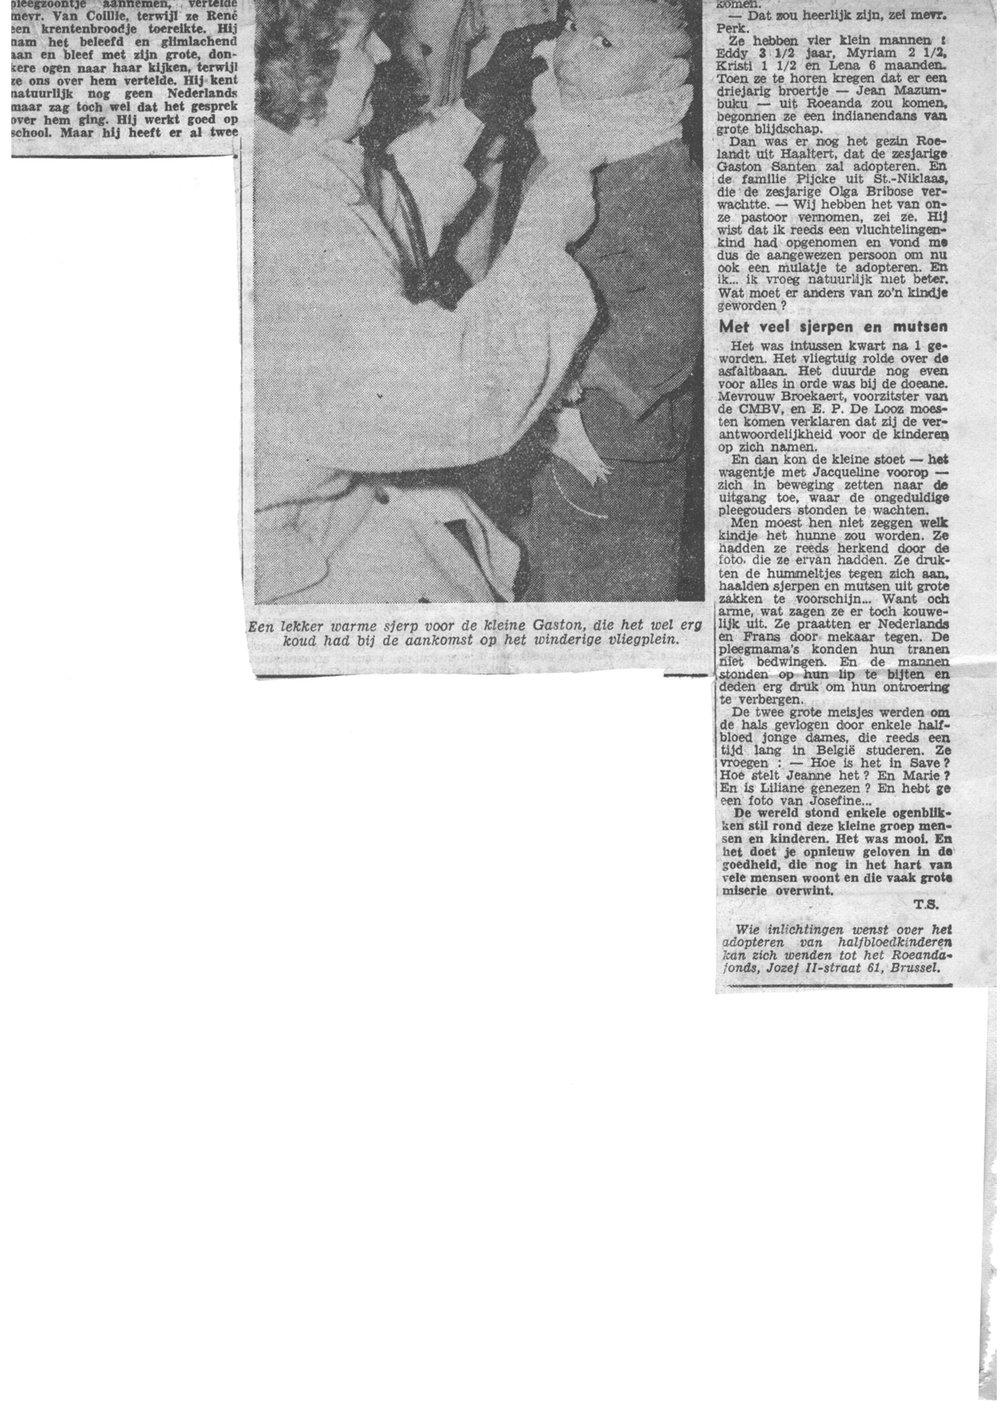 Nieuwsblad 11_1_60 Aankomst Zaventem 4-page-002.jpg